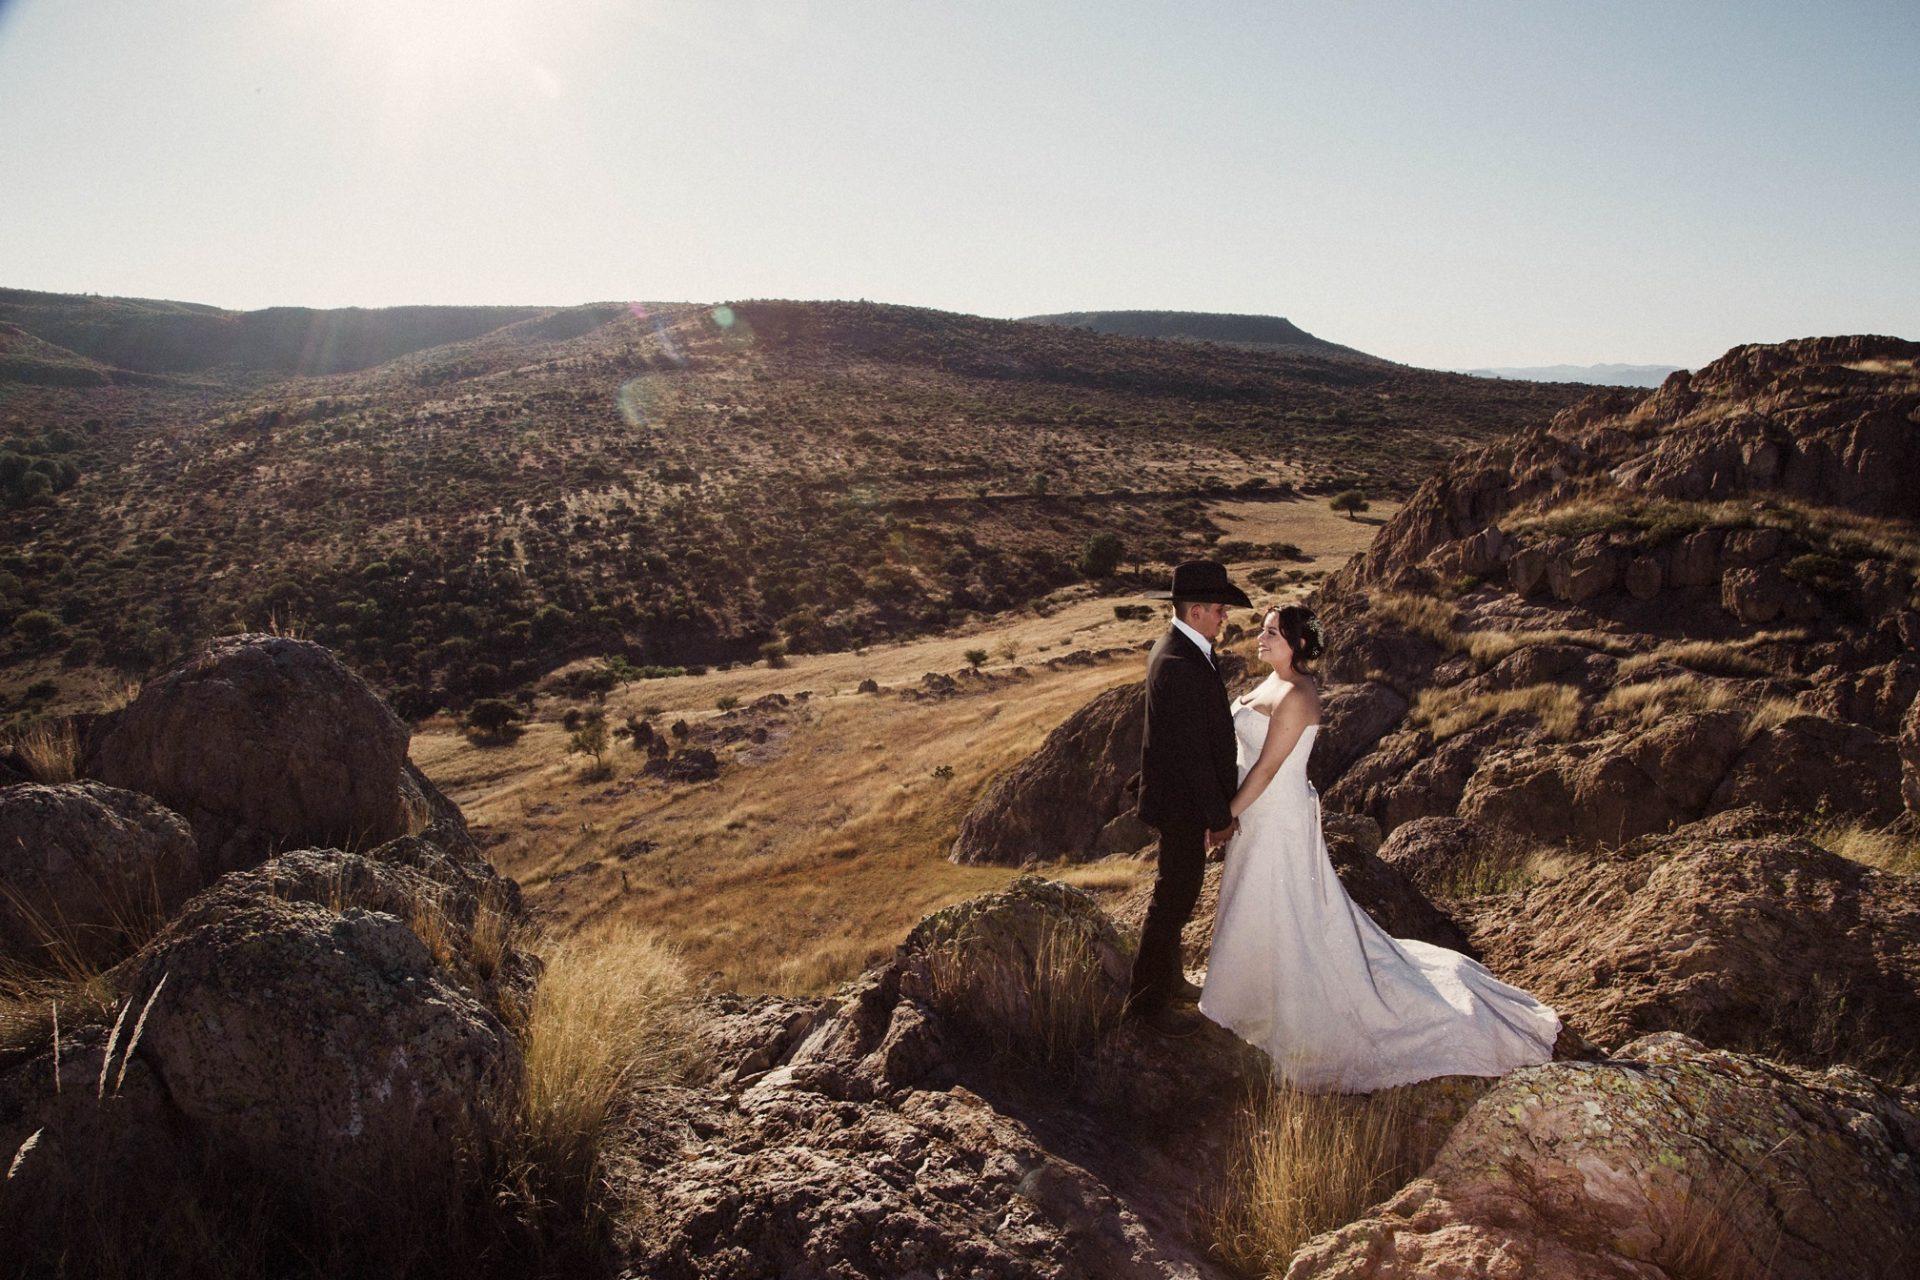 boda-jerez-charra-zacatecas--51